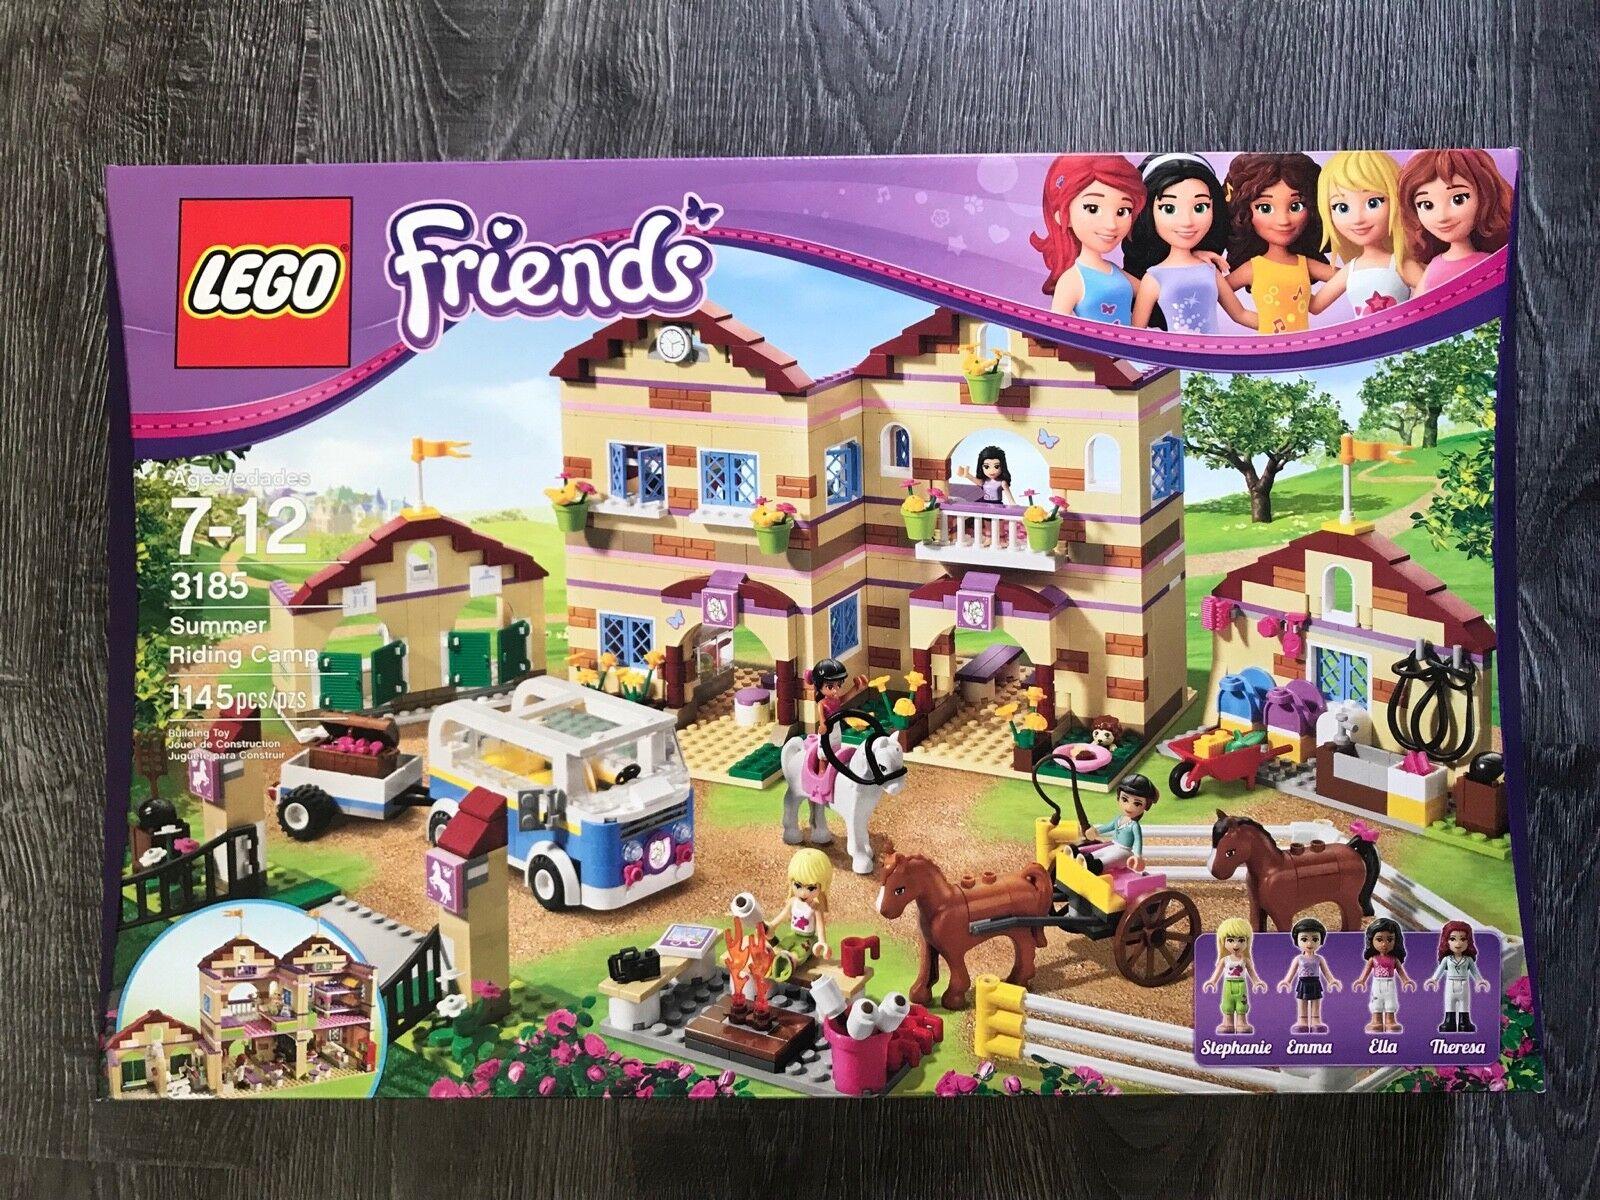 LEGO Friends Set 3185 été Riding Camp Horse  Stephanie Emma Ella Theresa  60% de réduction